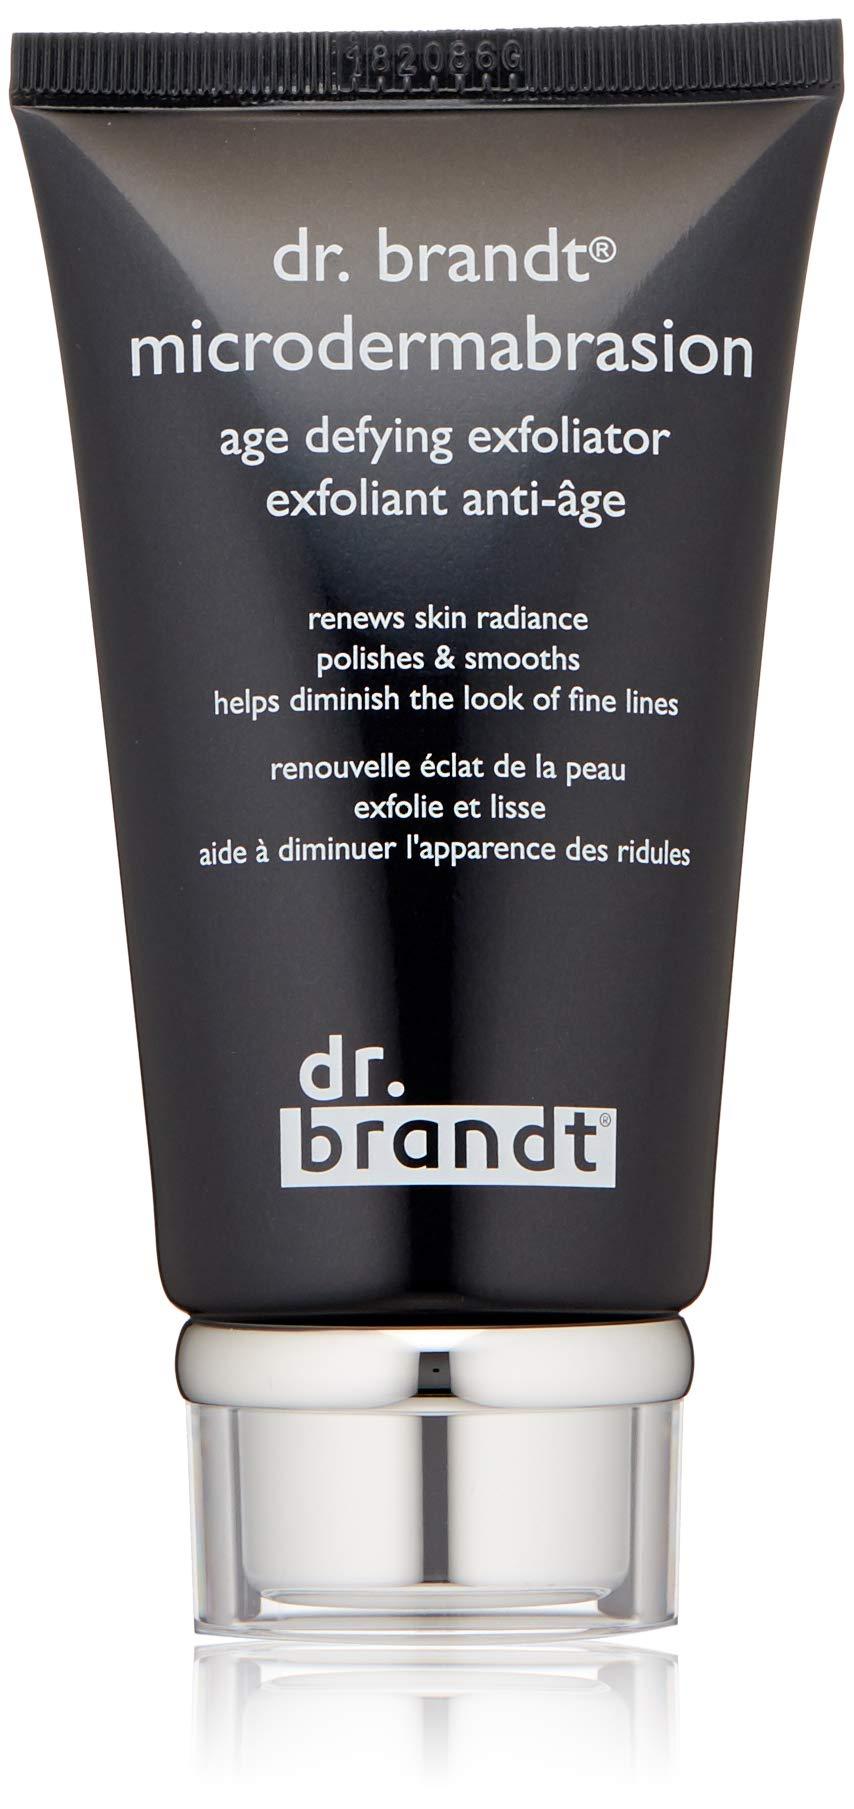 dr. brandt - dr. brandt Microdermabrasion Skin Exfoliant